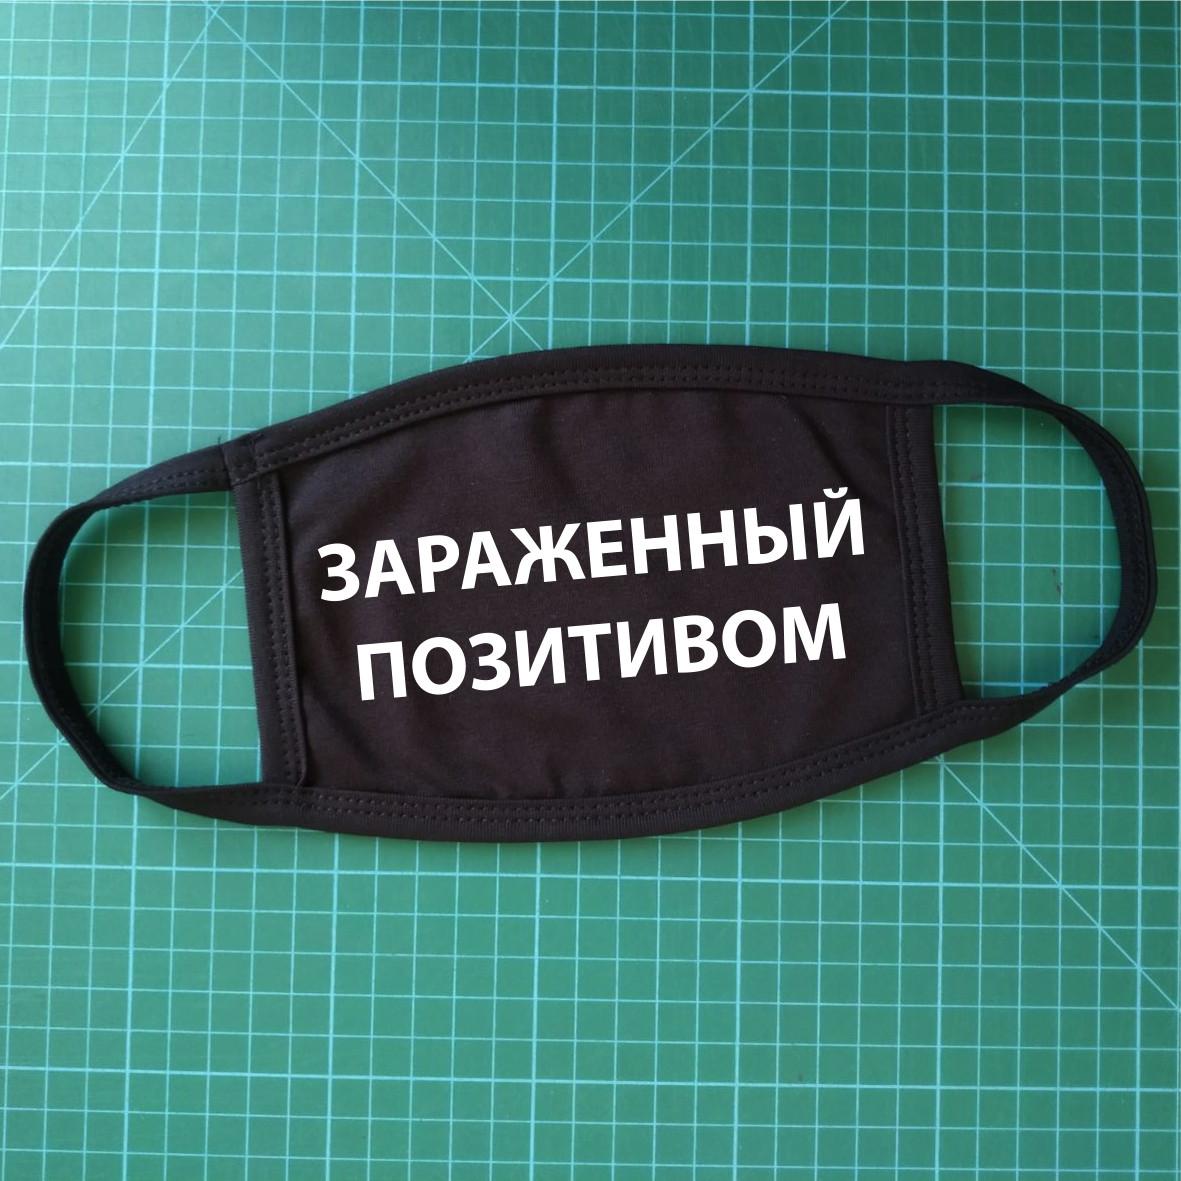 Тканевая сувенирная маска для лица.Зараженный позитивом